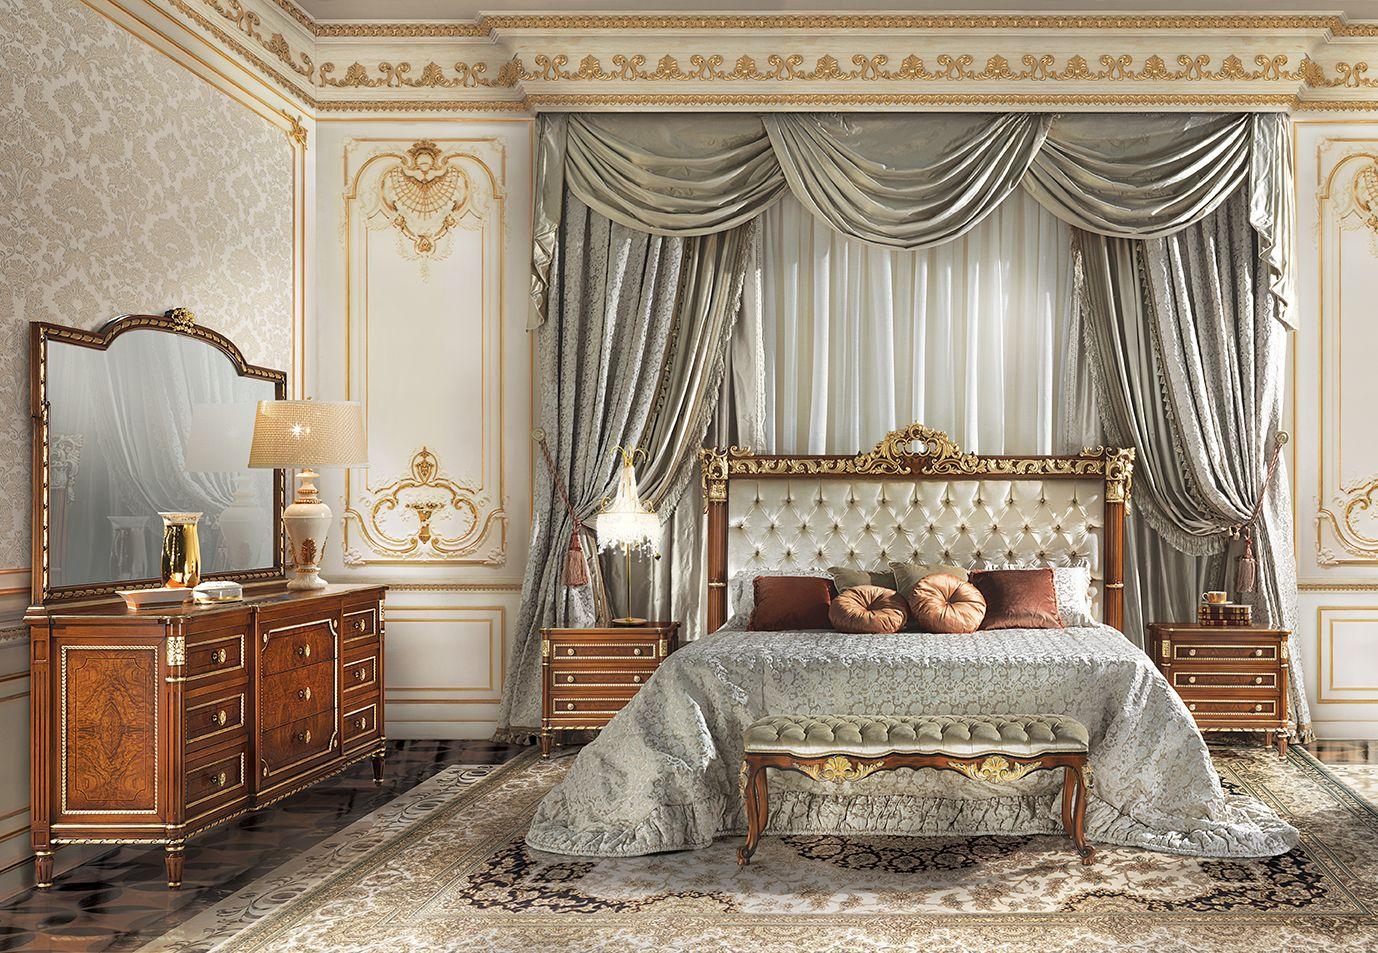 Stravinskij Luxury Classic Italian Bedroom Furniture Camere Da Letto Di Lusso Design Della Camera Da Letto Camera Contemporanea Luxury italian bedroom furniture